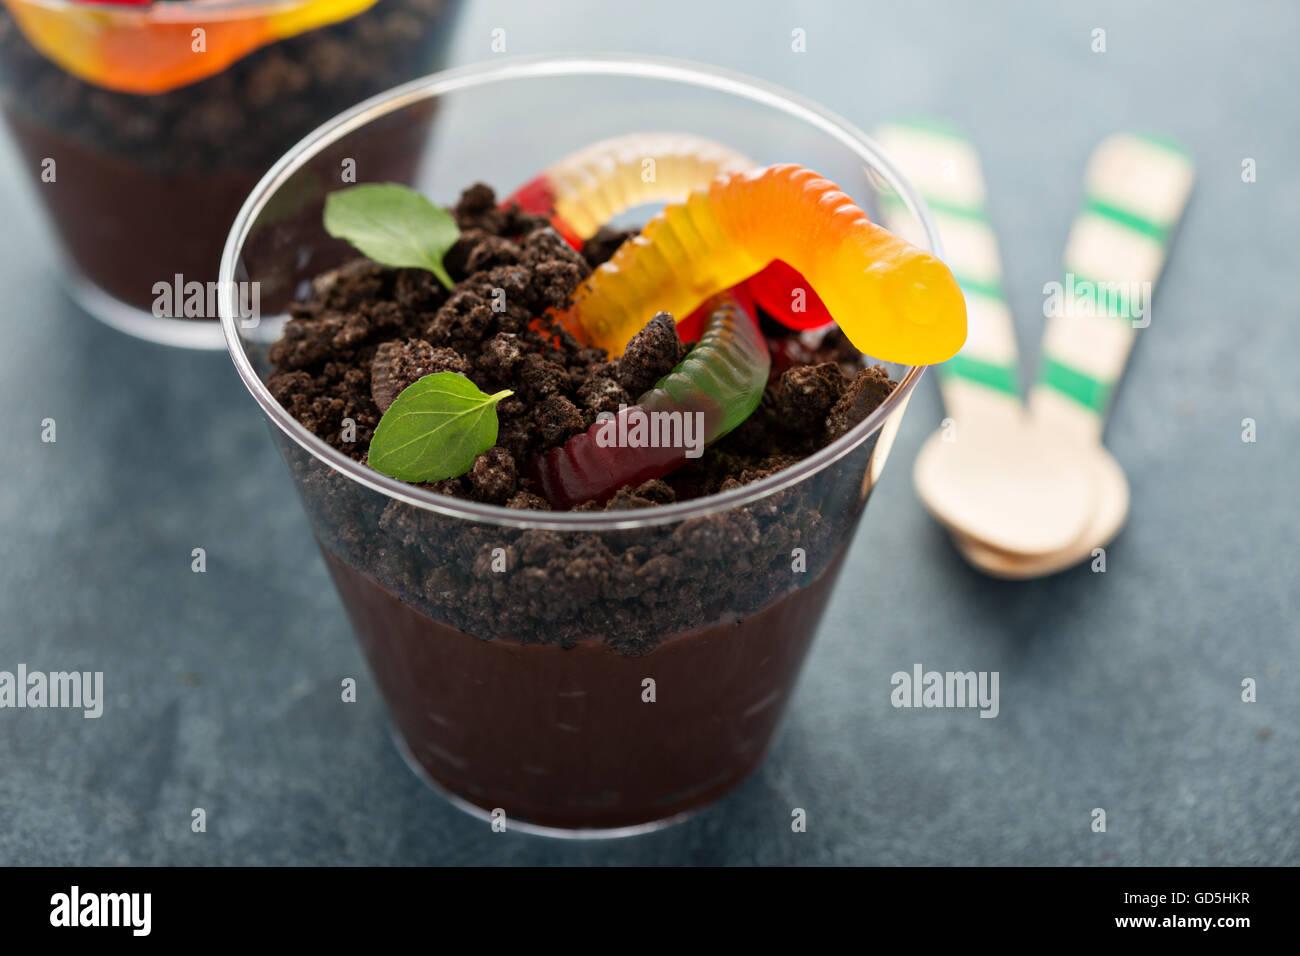 Kinder Schokolade Dessert in einer Tasse Schmutz und Würmer Stockbild